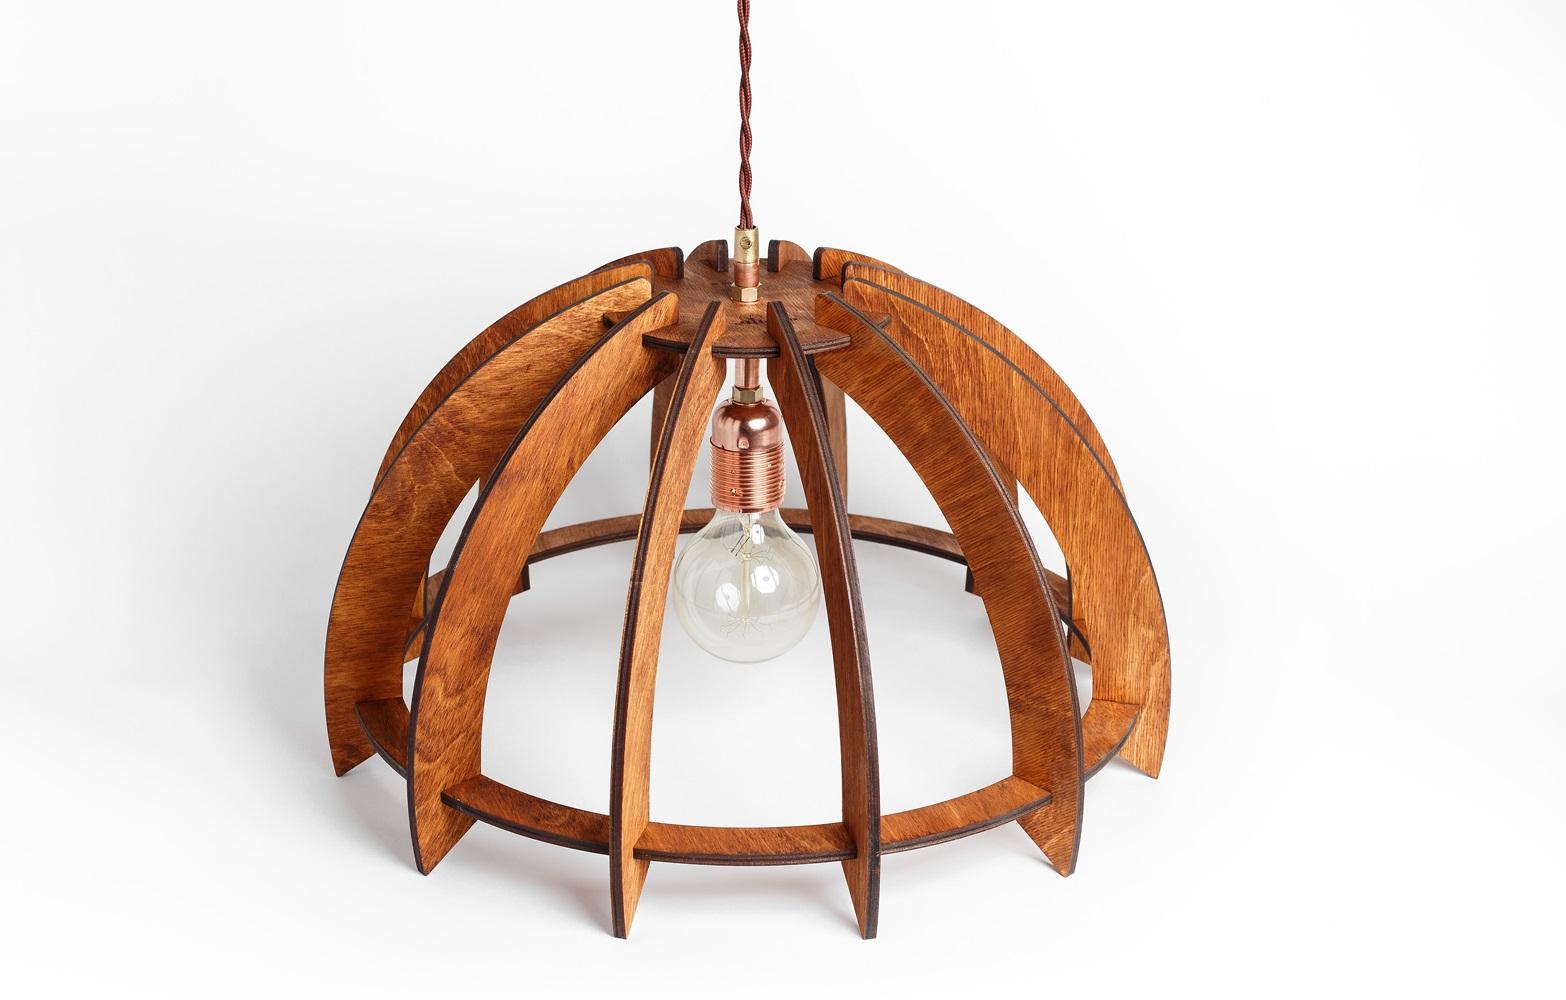 Деревянный светильник ЗонтикПодвесные светильники<br>Деревянная люстра в стиле Лофт. Возможно изготовление в двух цветах - натуральный ( покрытый лаком ) и темный ( мореный )&amp;lt;div&amp;gt;&amp;lt;br&amp;gt;&amp;lt;/div&amp;gt;&amp;lt;div&amp;gt;&amp;lt;div&amp;gt;Вид цоколя: E27&amp;lt;/div&amp;gt;&amp;lt;div&amp;gt;Мощность: 60W&amp;lt;/div&amp;gt;&amp;lt;div&amp;gt;Количество ламп: 1 (нет в комплекте)&amp;lt;/div&amp;gt;&amp;lt;/div&amp;gt;<br><br>Material: Дерево<br>Length см: None<br>Width см: None<br>Height см: 44<br>Diameter см: 30